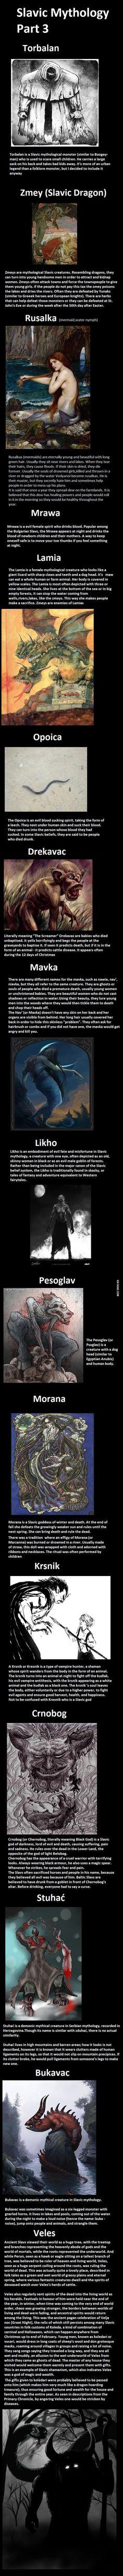 169 Best Polish Mythology images in 2019 | Mythological creatures